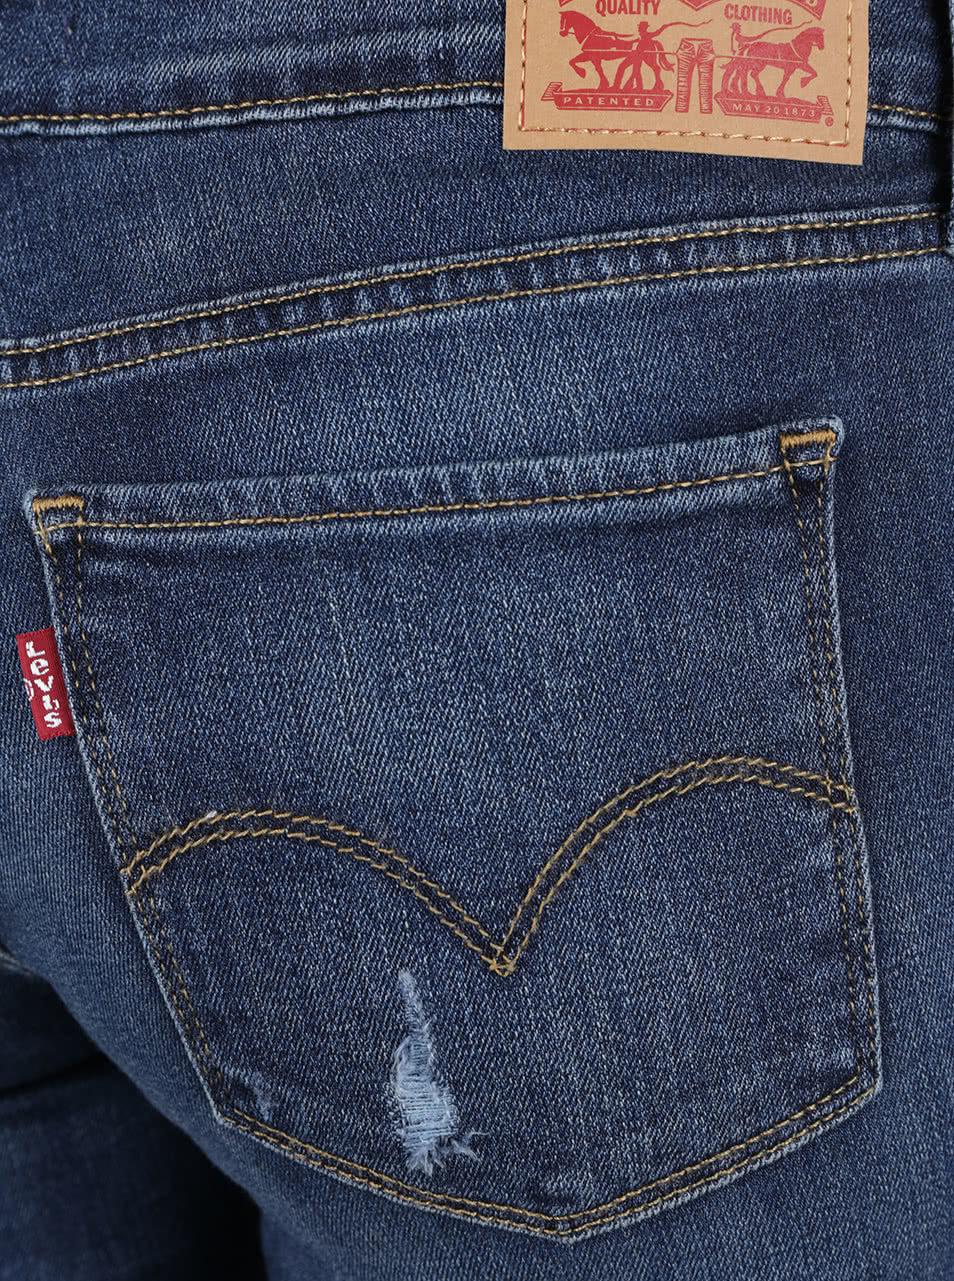 60ddc49caf6e Tmavě modré dámské skinny džíny s potrhaným efektem Levi s® 711 ...